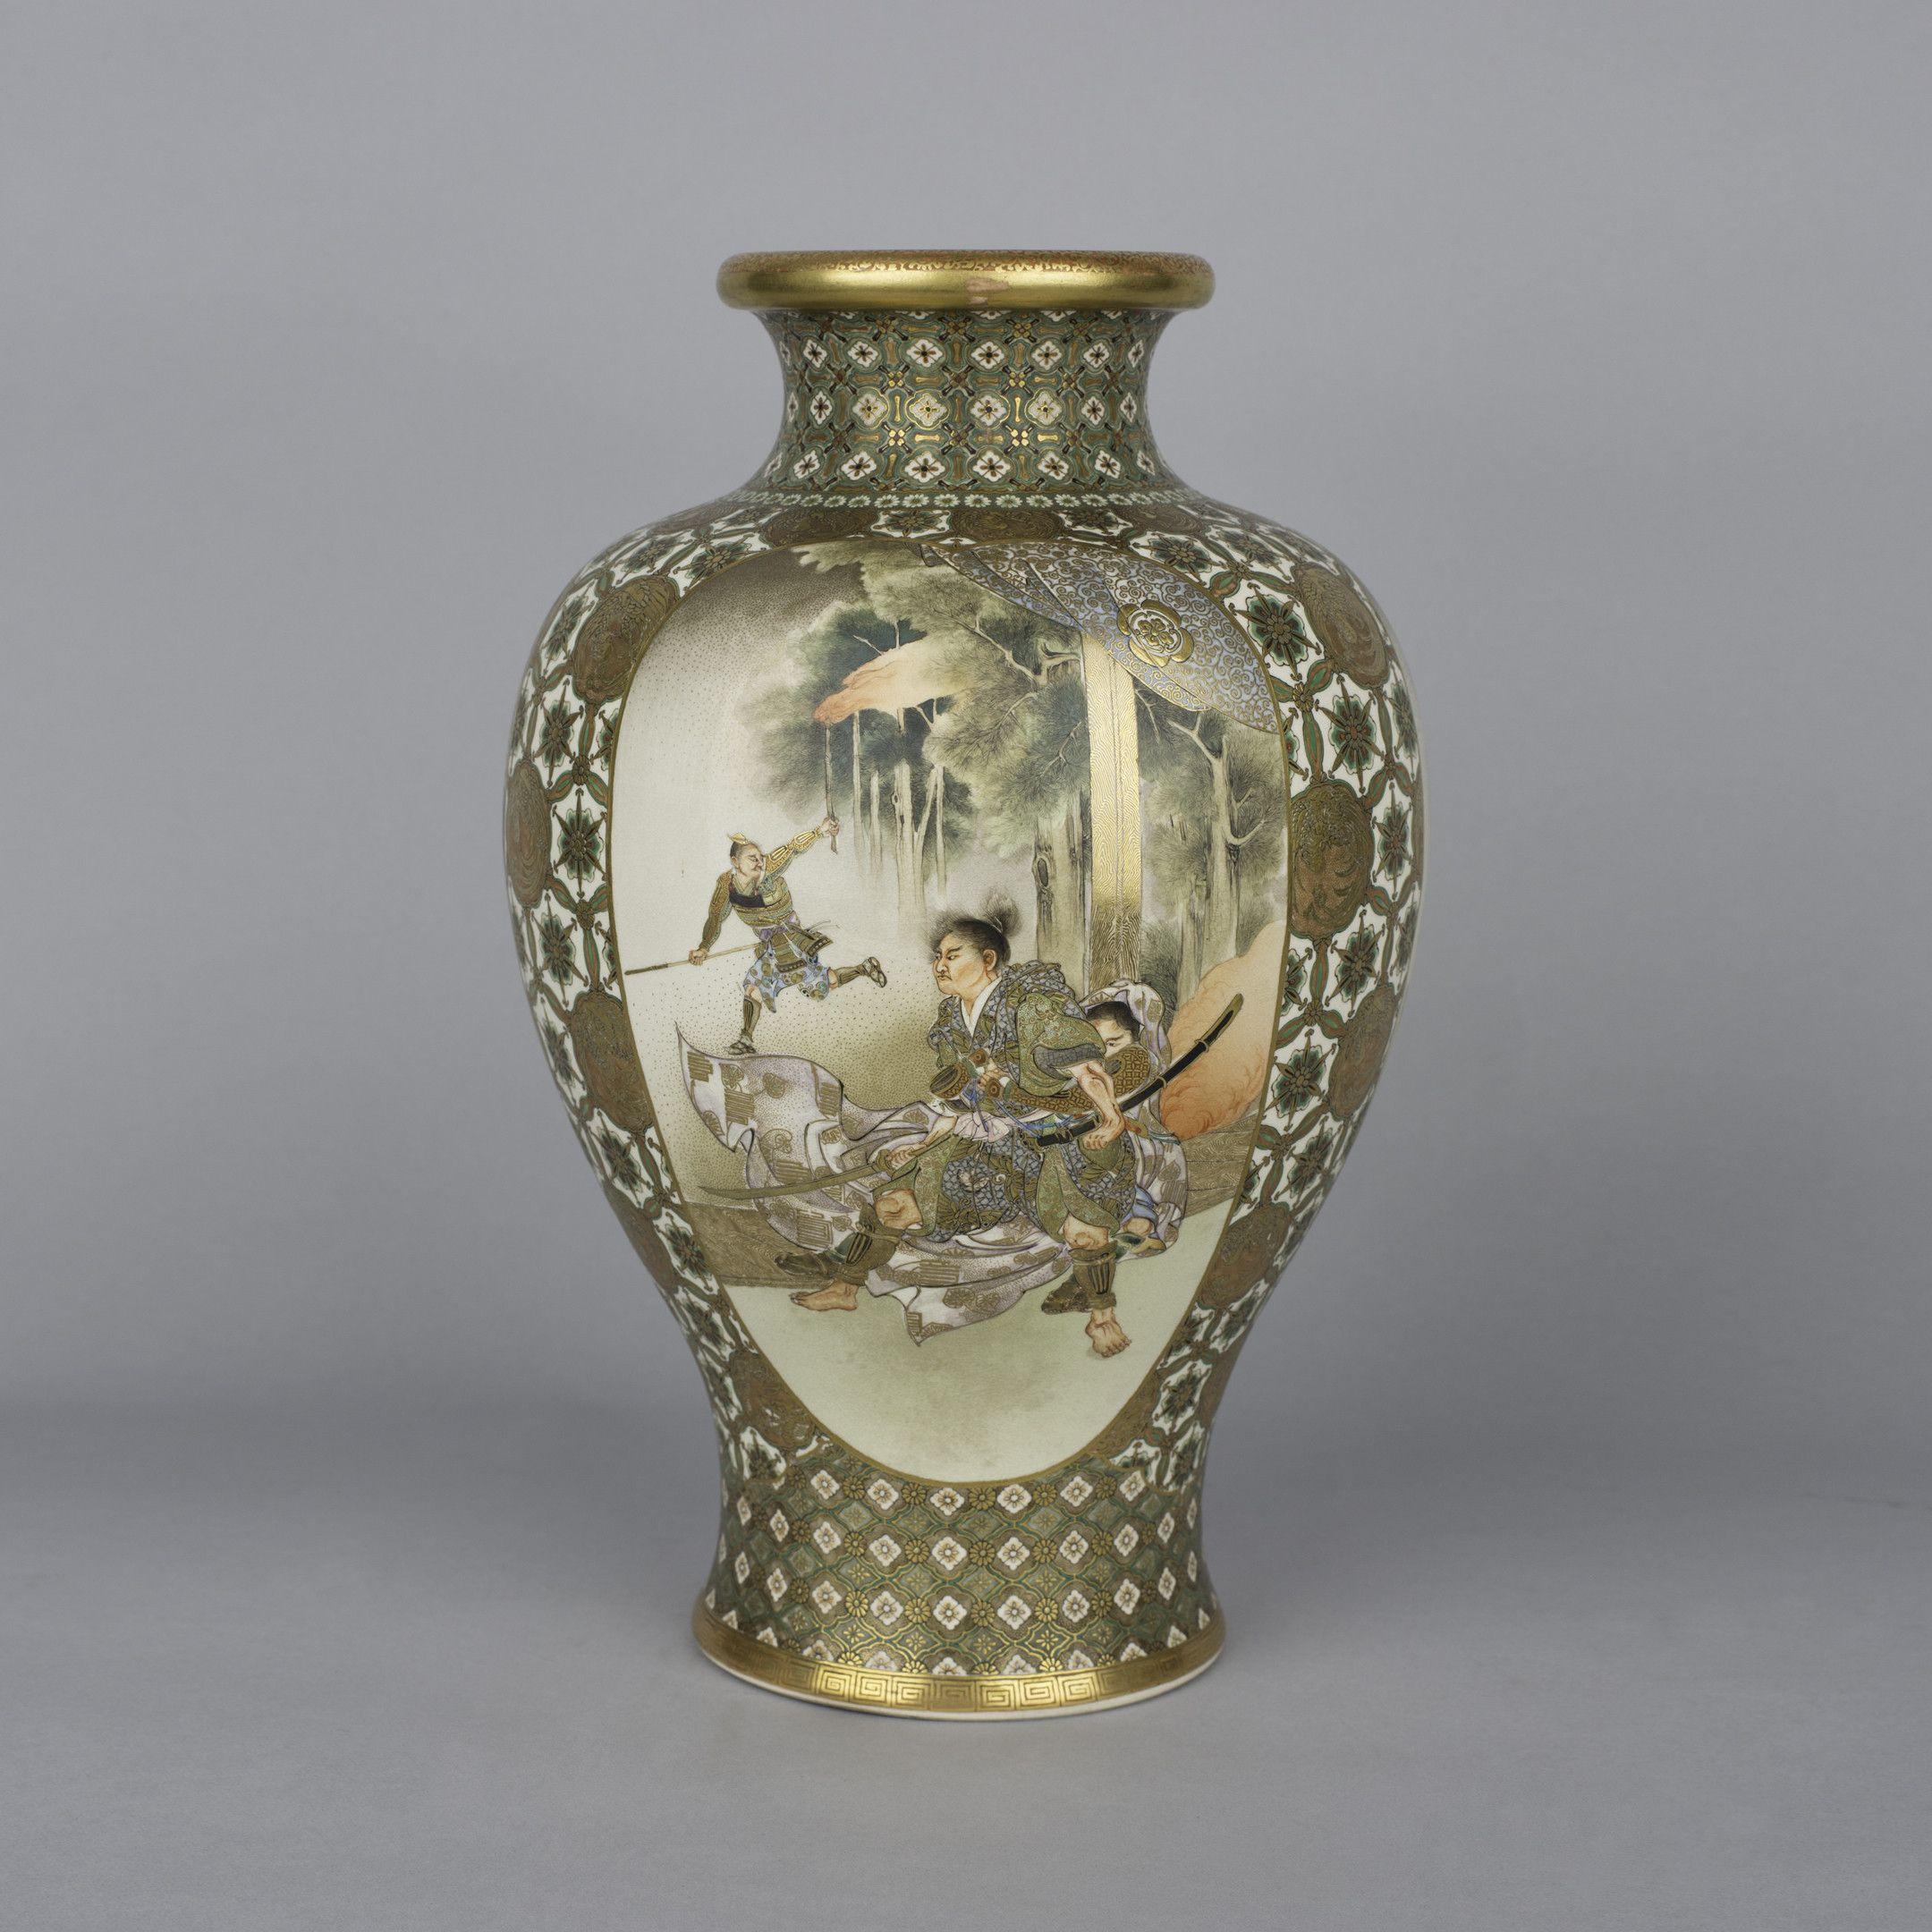 nippon moriage vase of satsuma vase meiji period 1868 1912 signed kinkozan meiji with satsuma vase meiji period 1868 1912 signed kinkozan